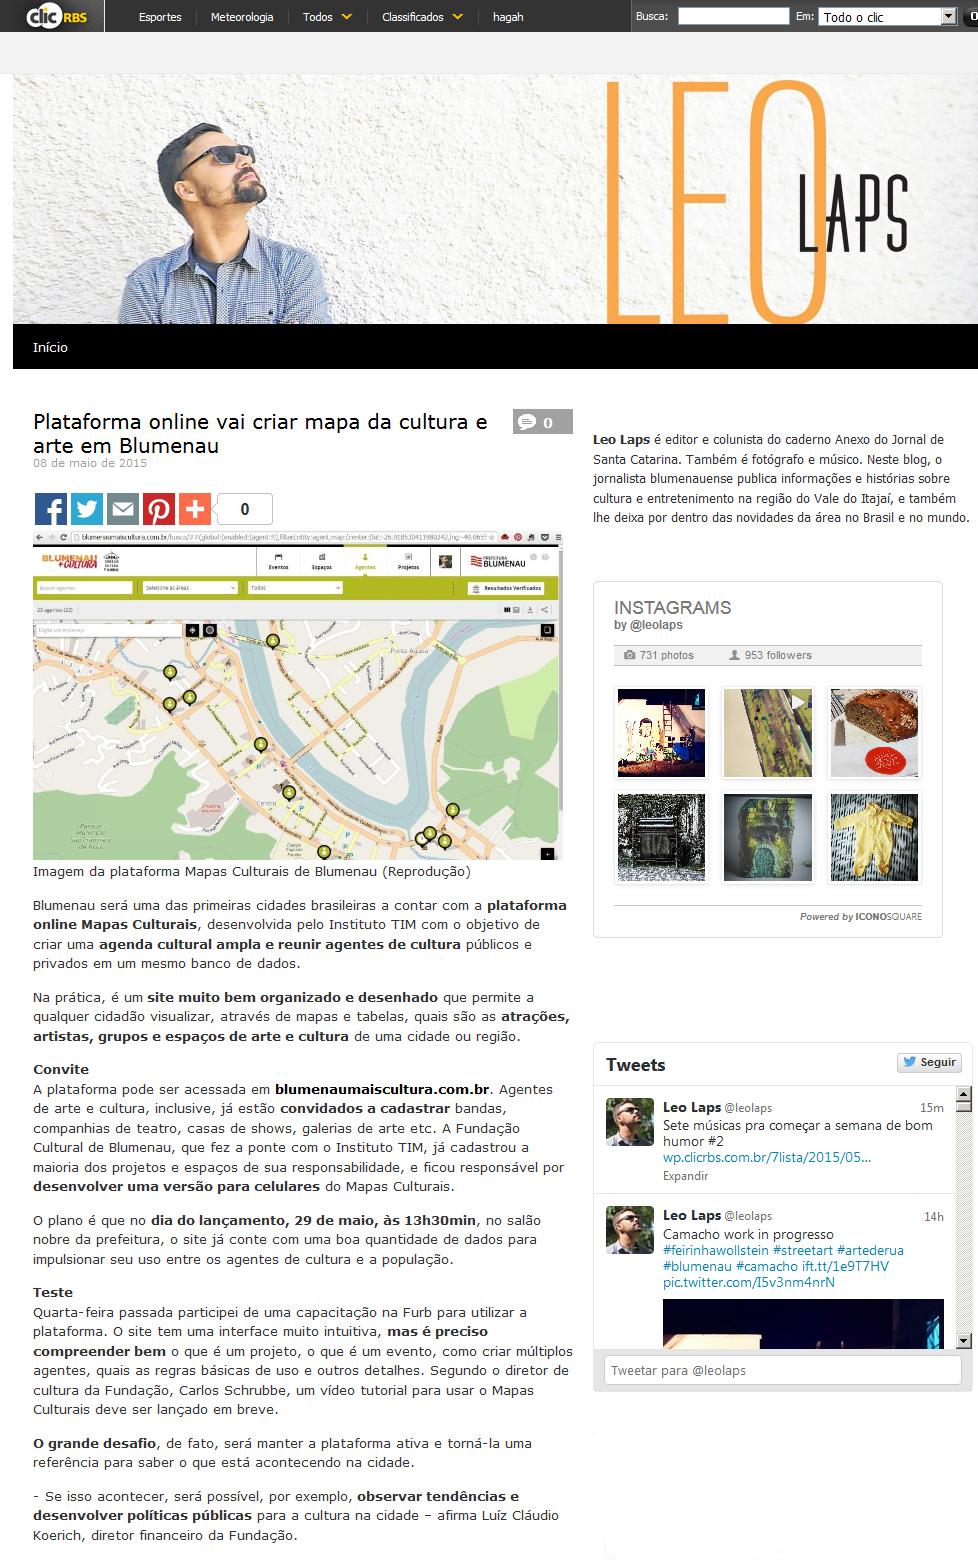 ClicRBS - Plataforma online vai criar mapa da cultura e arte em Blumenau